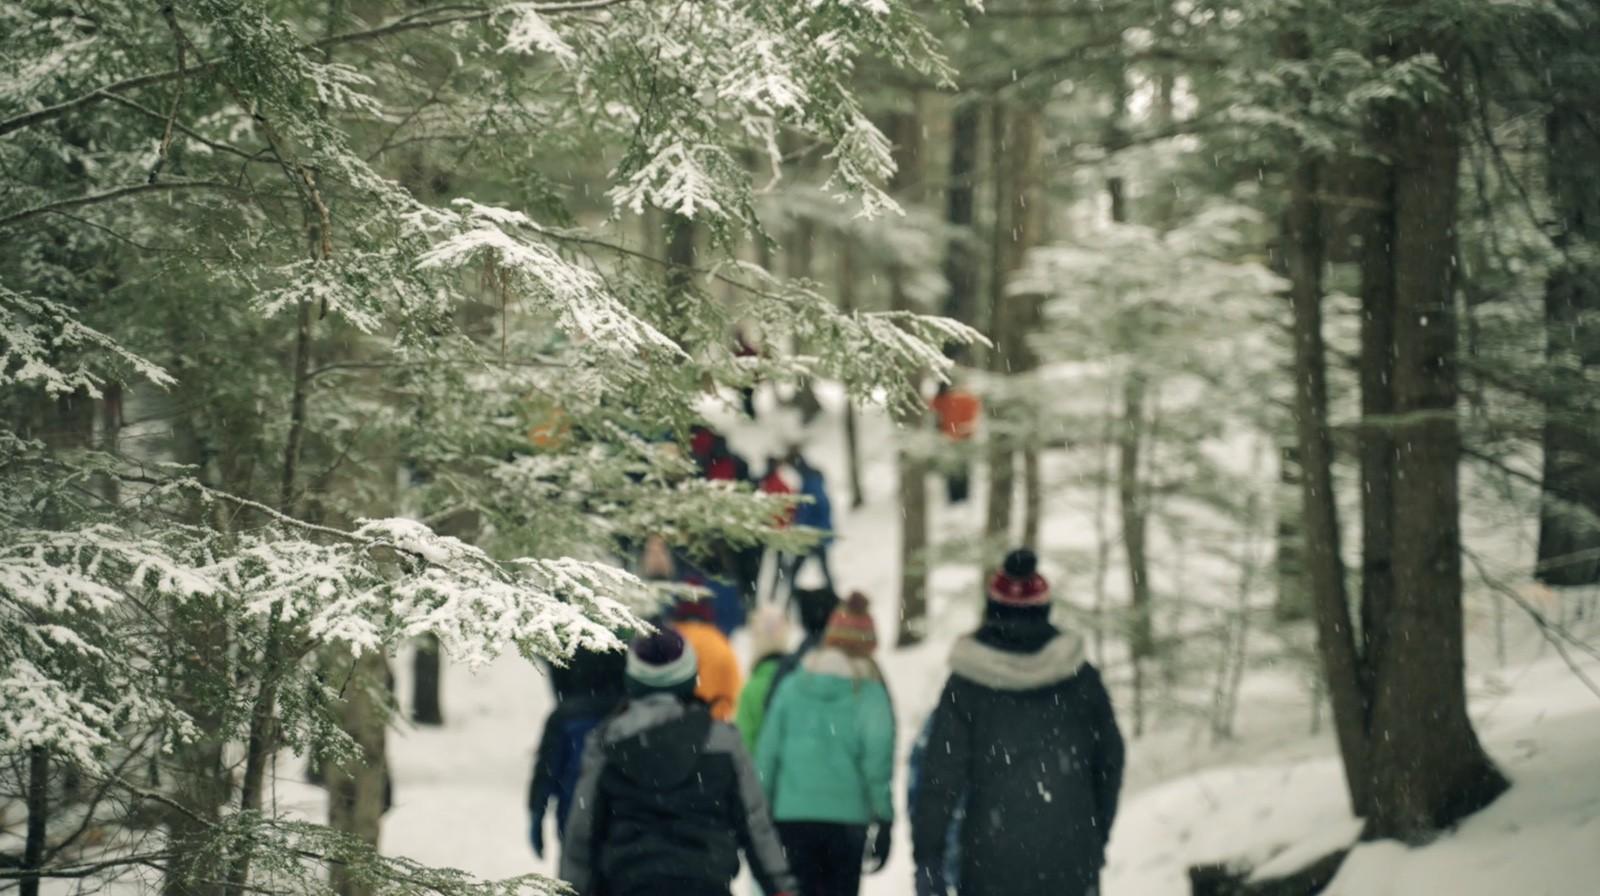 WinterKids Winter Games 2021 Video Screenshots7